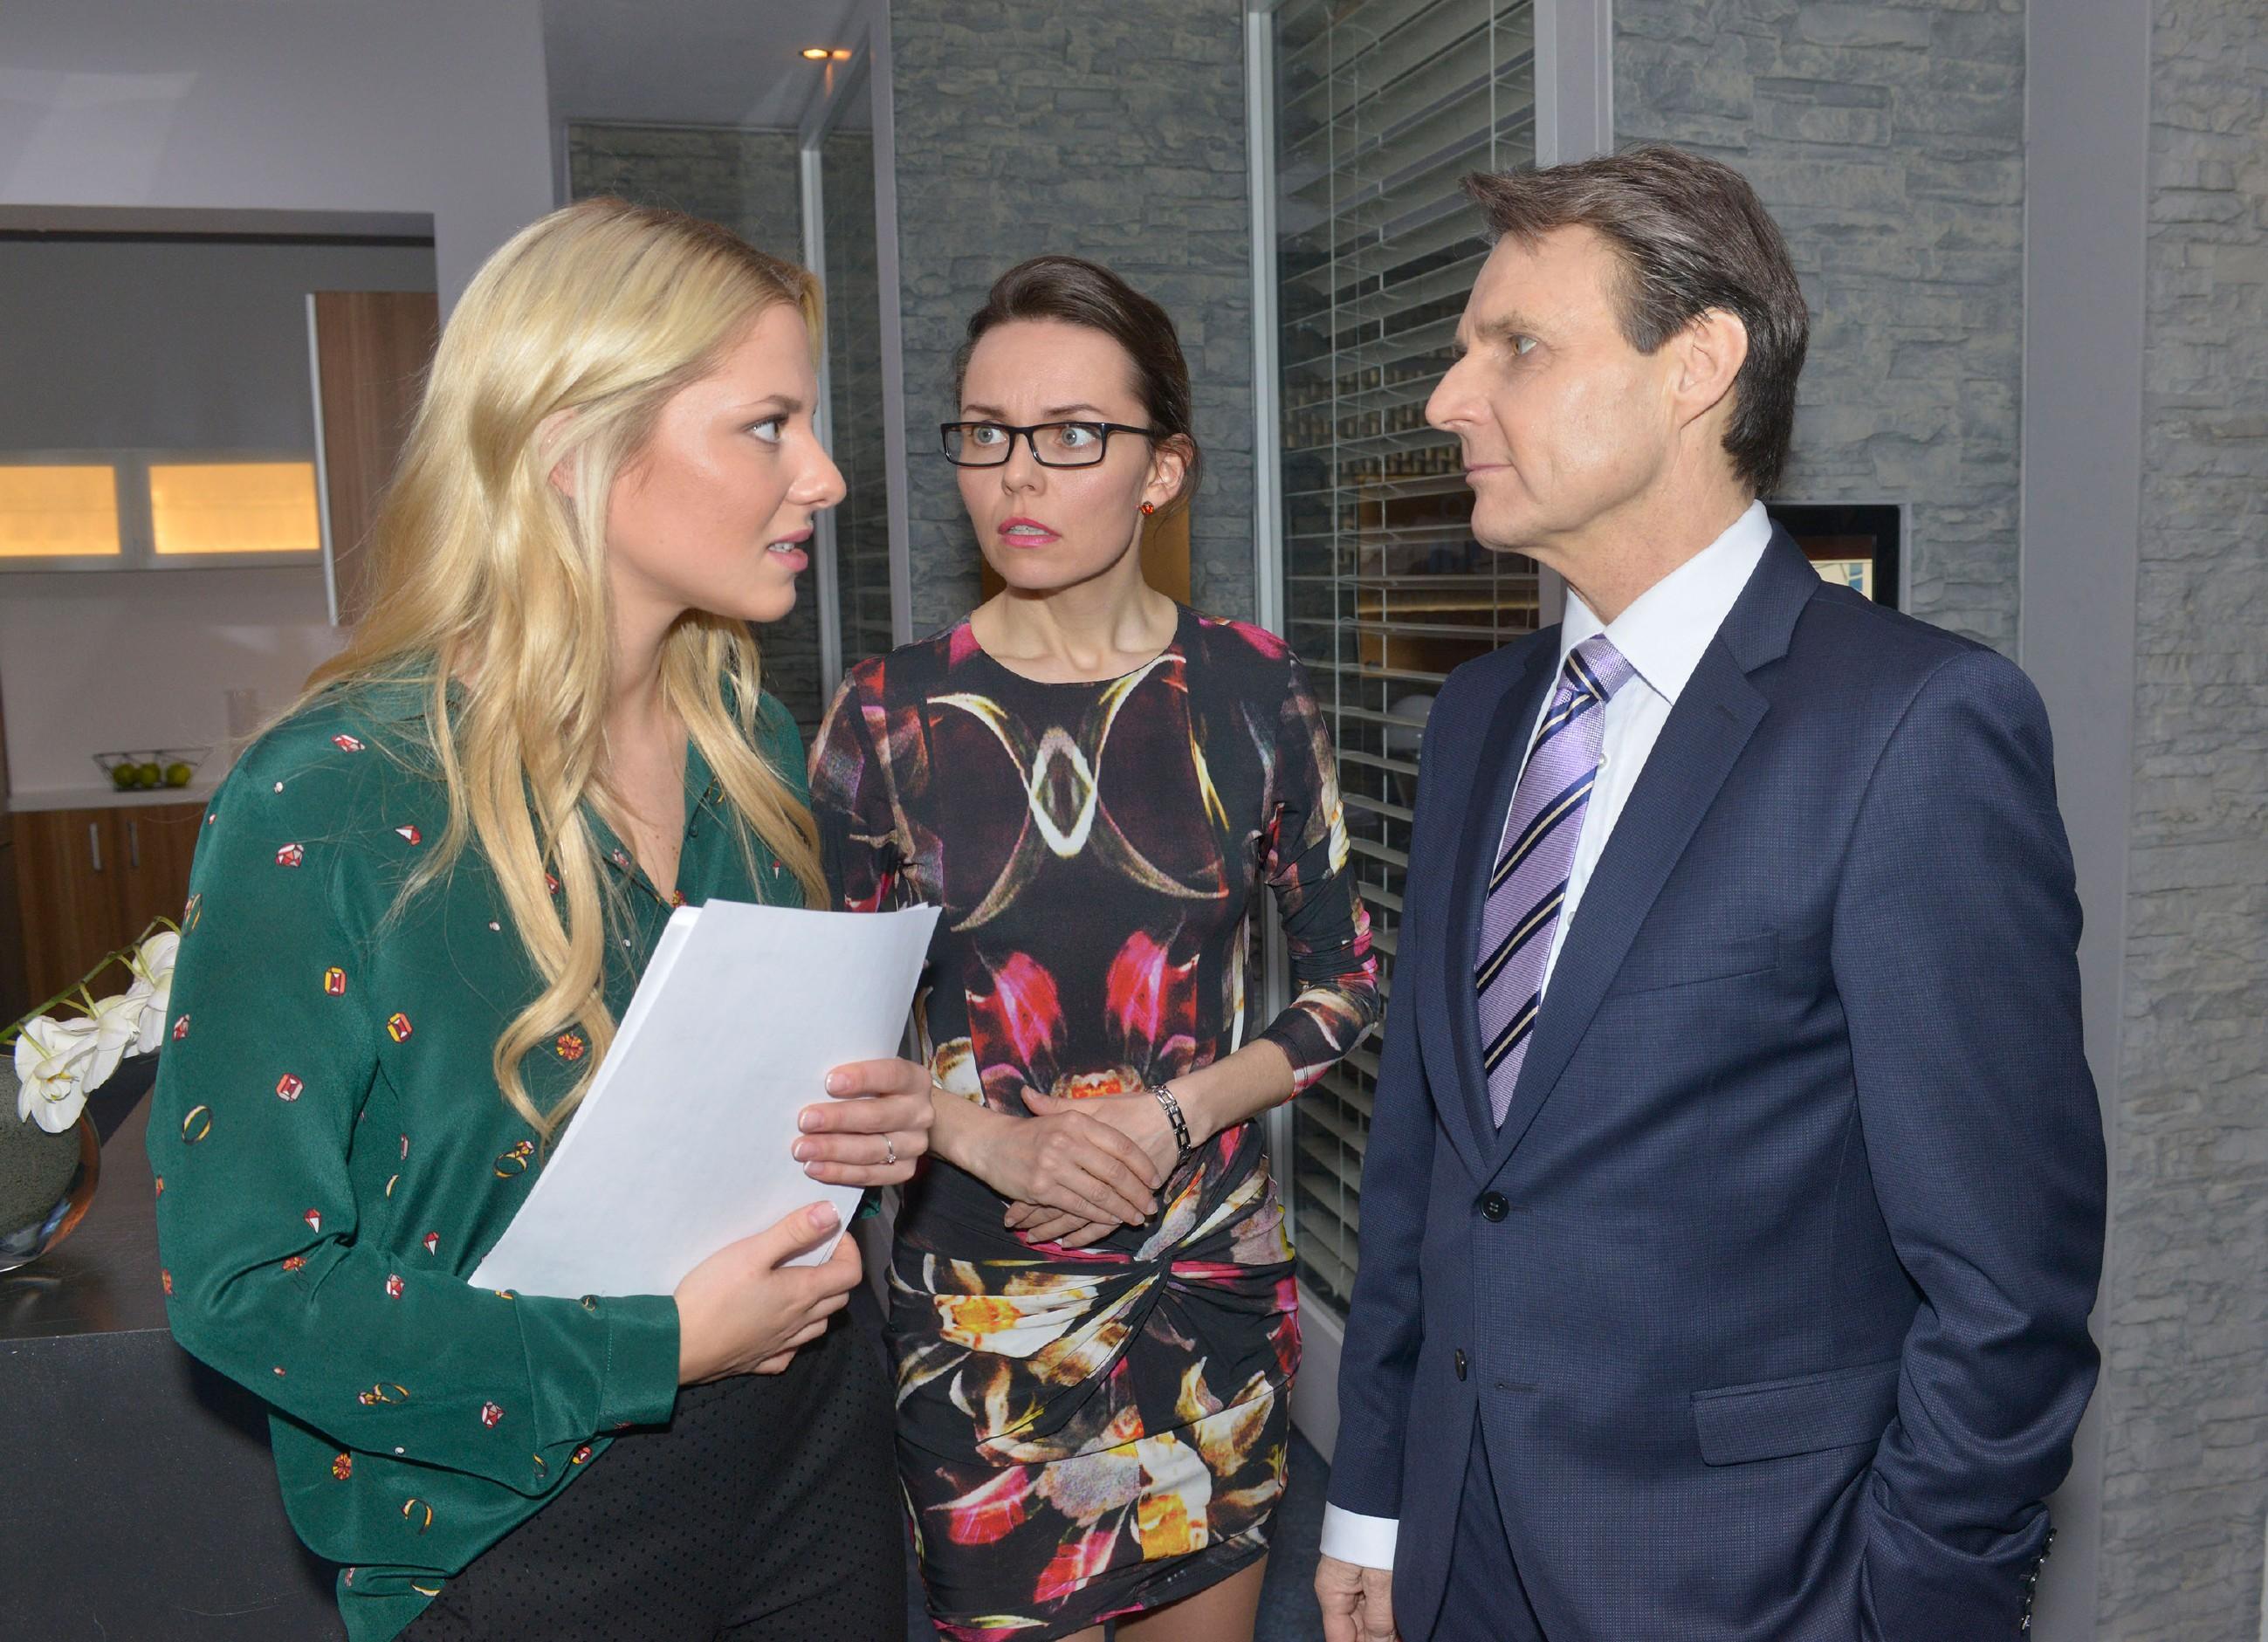 Sunny (Valentina Pahde, l.) ist froh, dass sie im Architekturbüro wieder gebraucht wird und bespricht sich mit Andrea Heinrichs (Yvonne Ernicke) und Gerner (Wolfgang Bahro). (Quelle: RTL / Rolf Baumgartner)